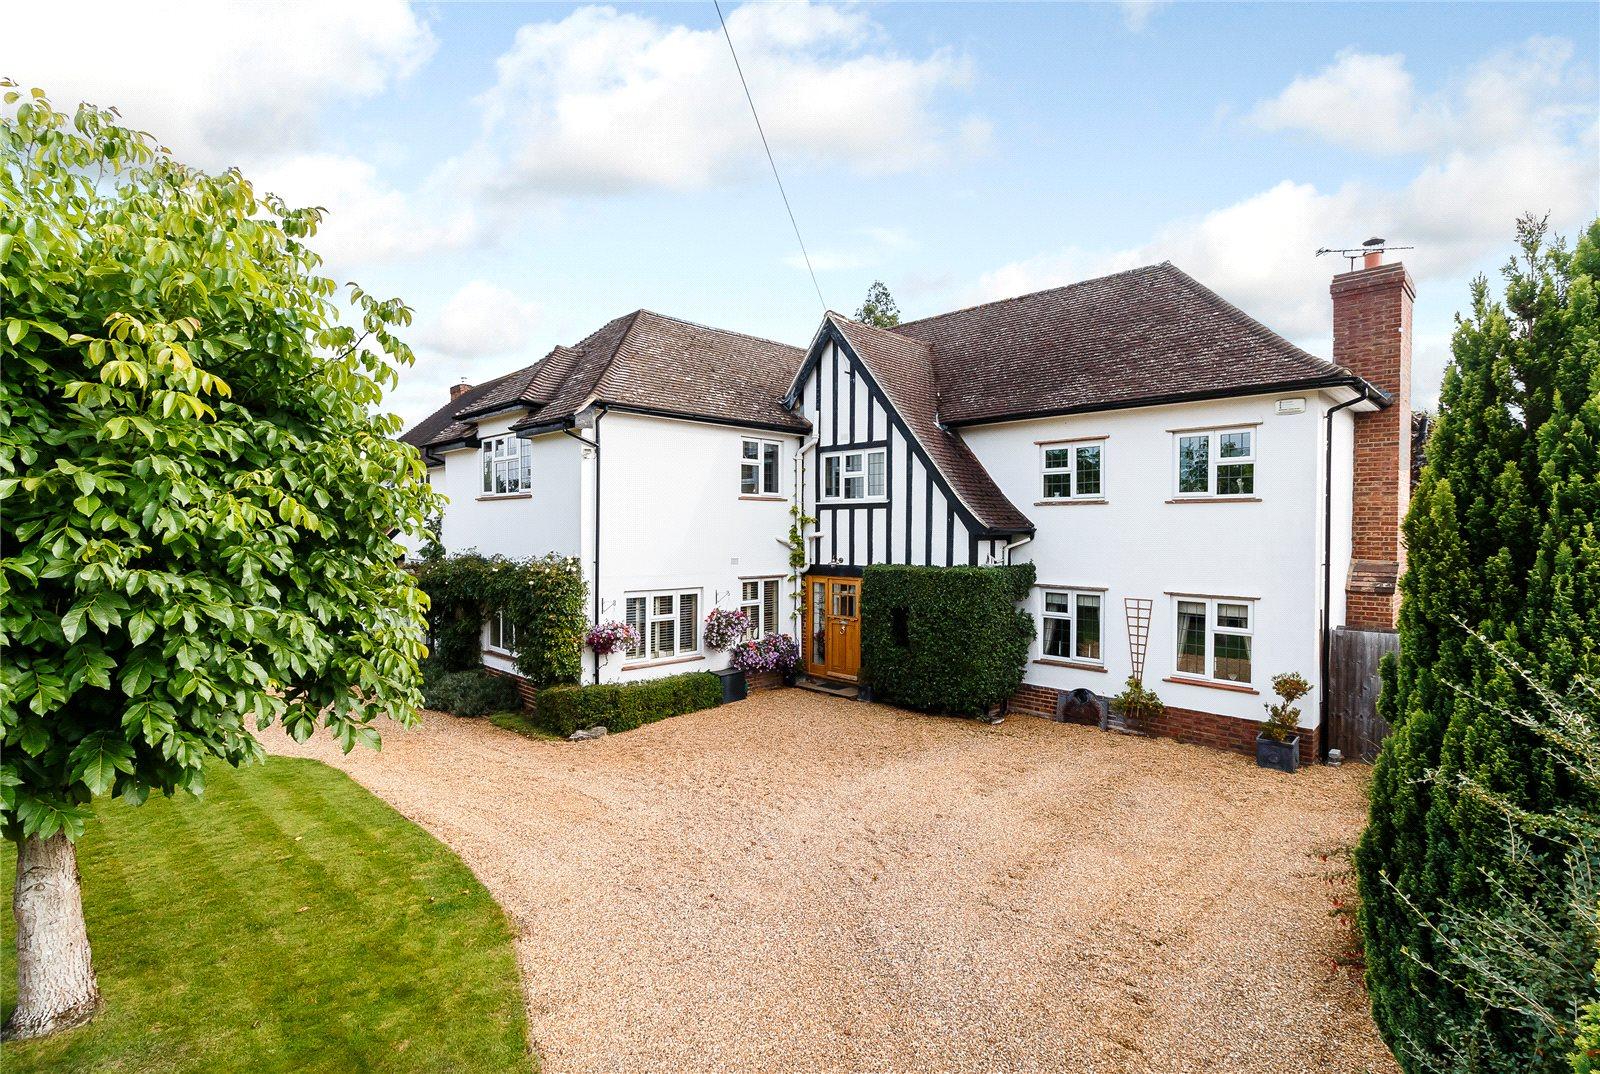 Maison unifamiliale pour l Vente à Dukes Wood Avenue, Gerrards Cross, Buckinghamshire, SL9 Gerrards Cross, Angleterre